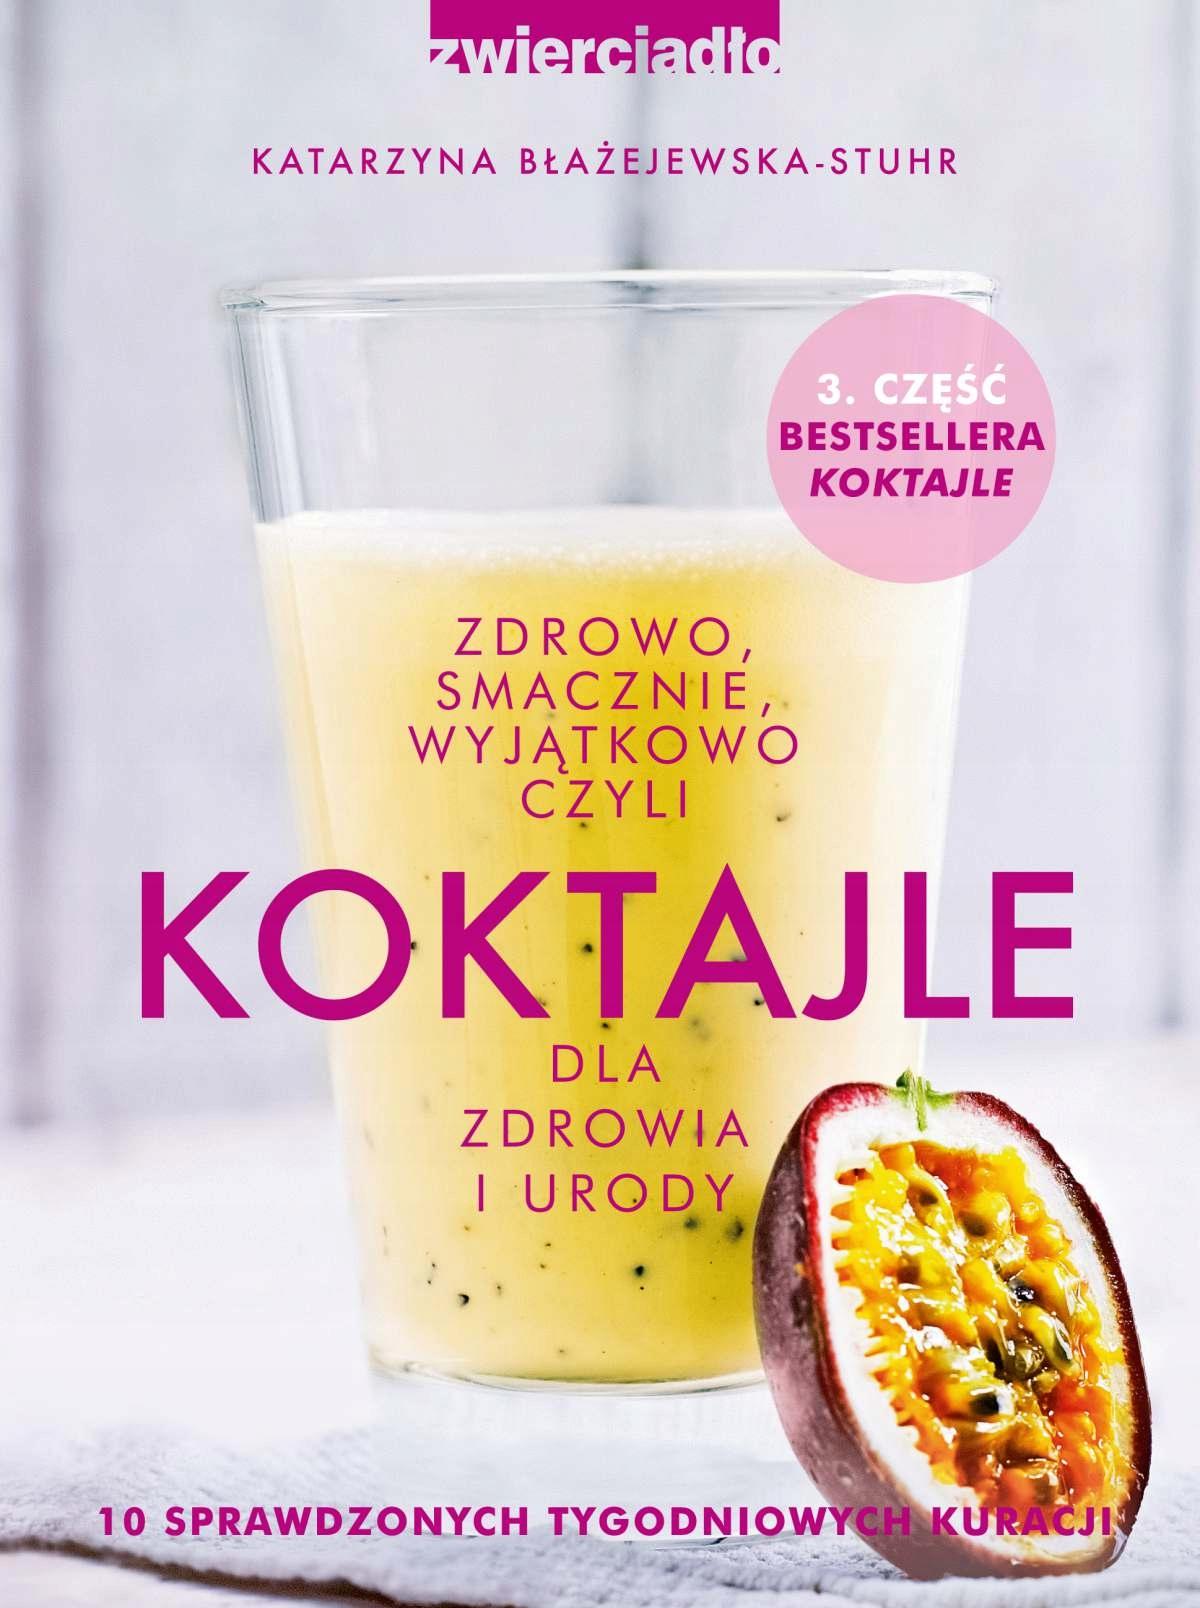 Koktajle dla... Katarzyna Błażejewska-Stuhr